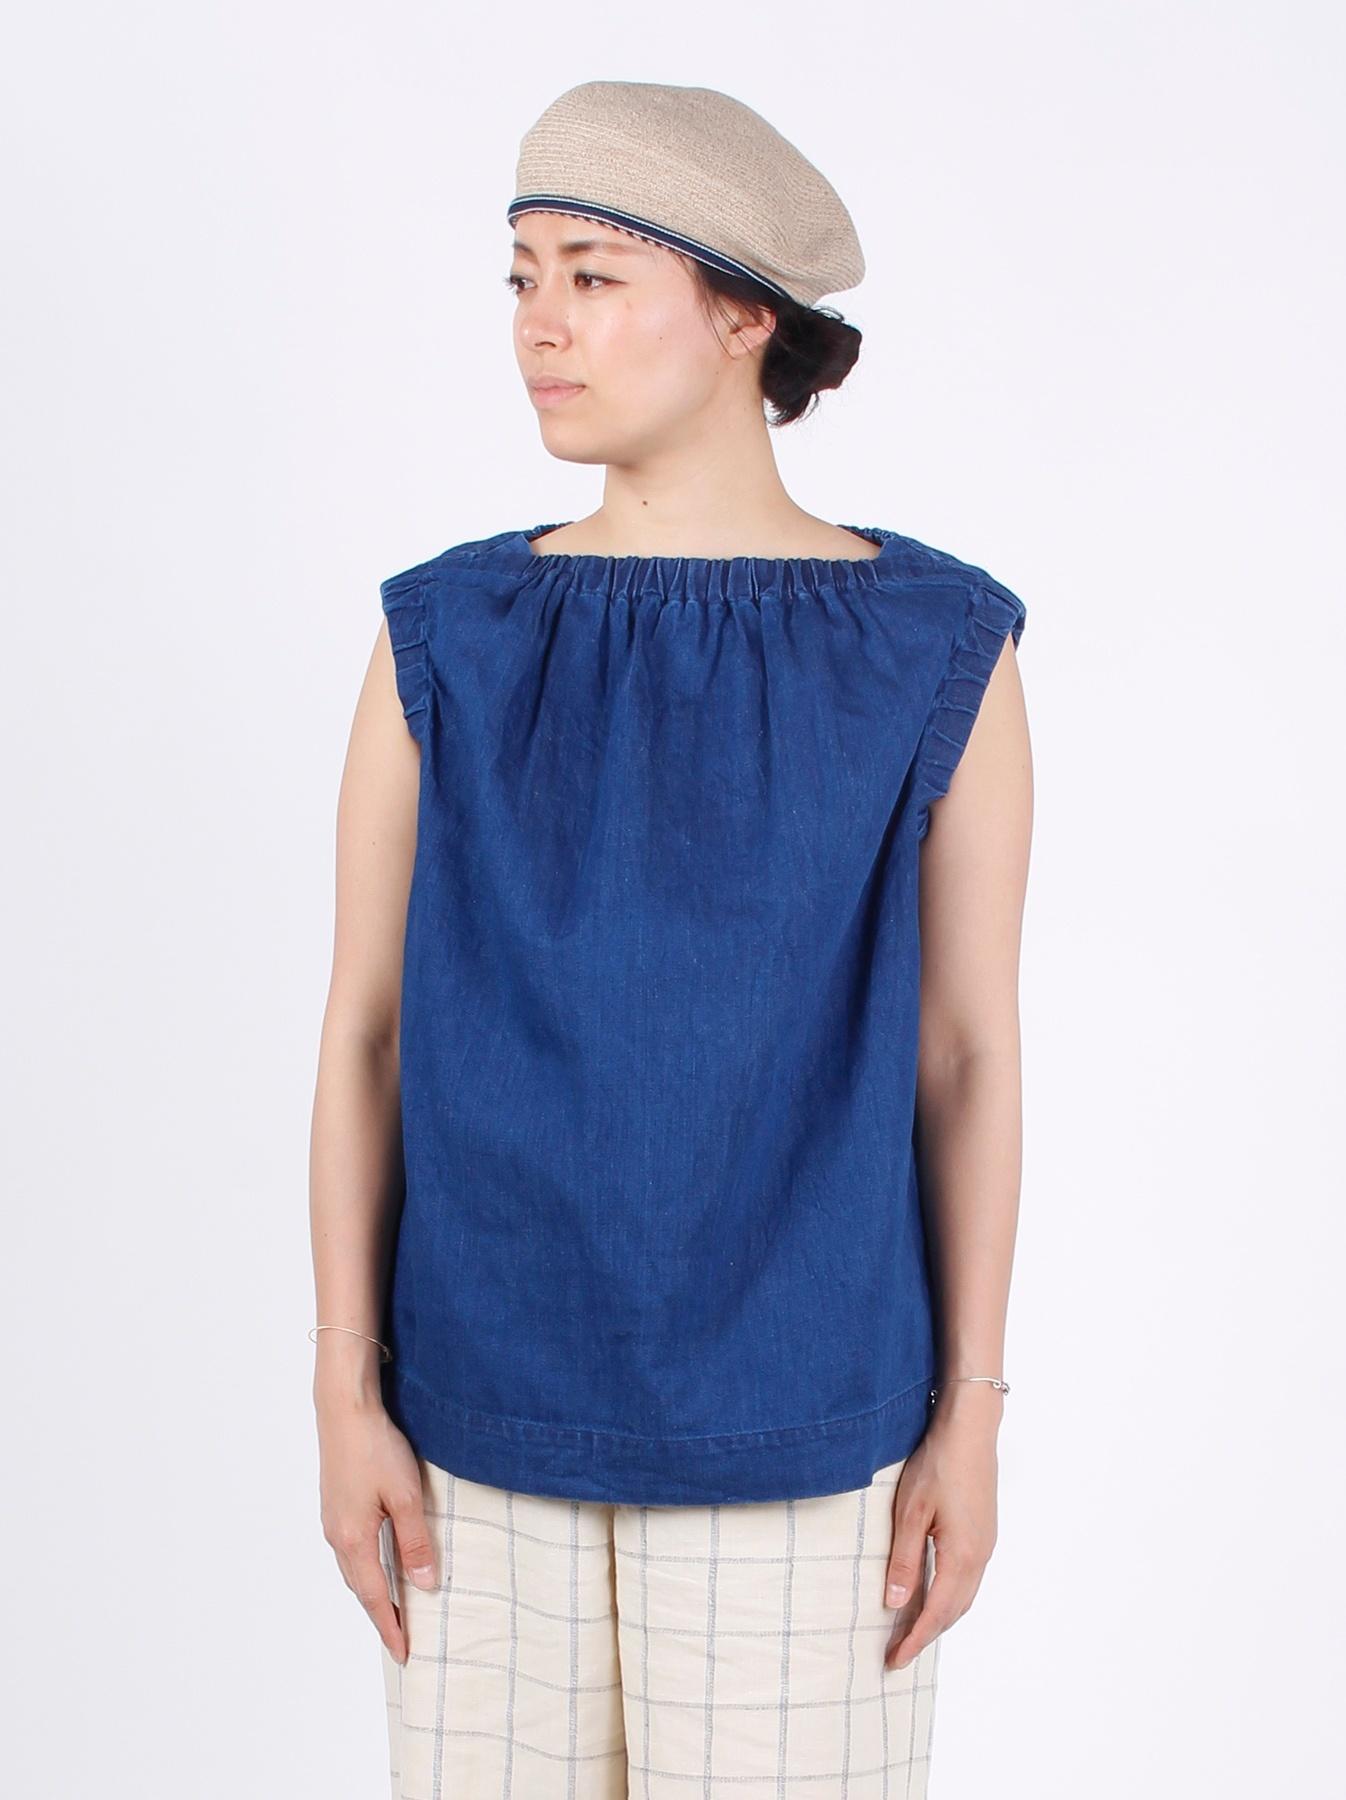 WH Cotton-linen Denim Camisole-4